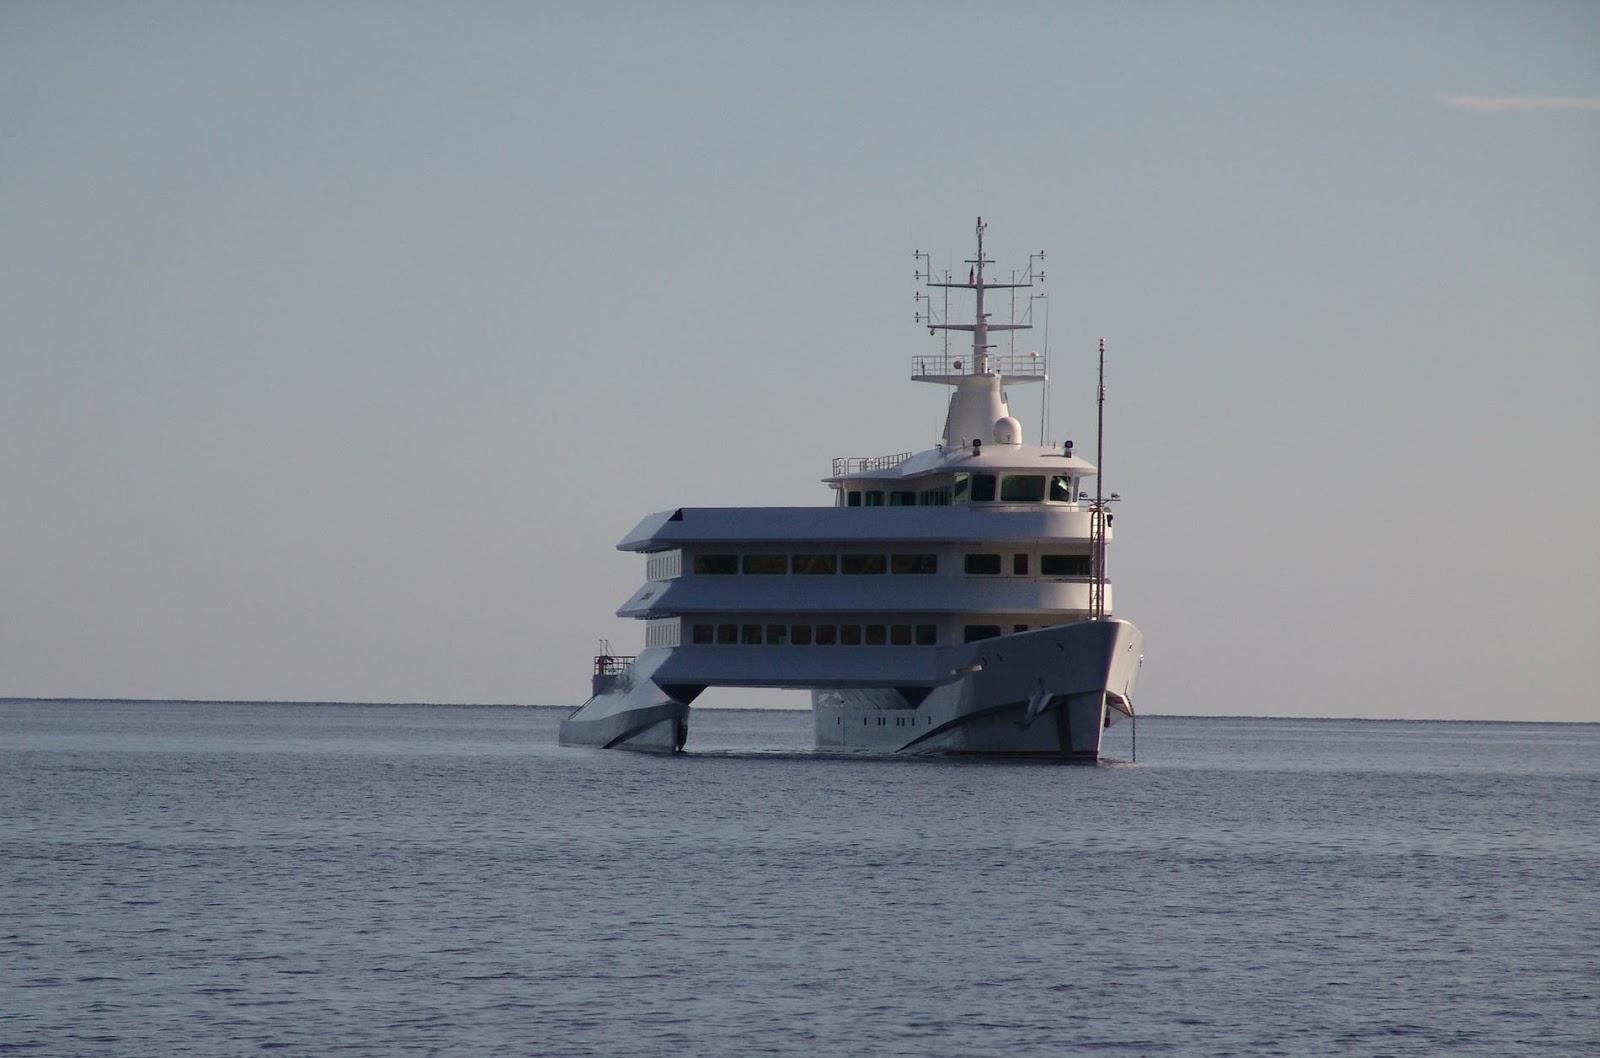 Megayacht ASEAN LADY